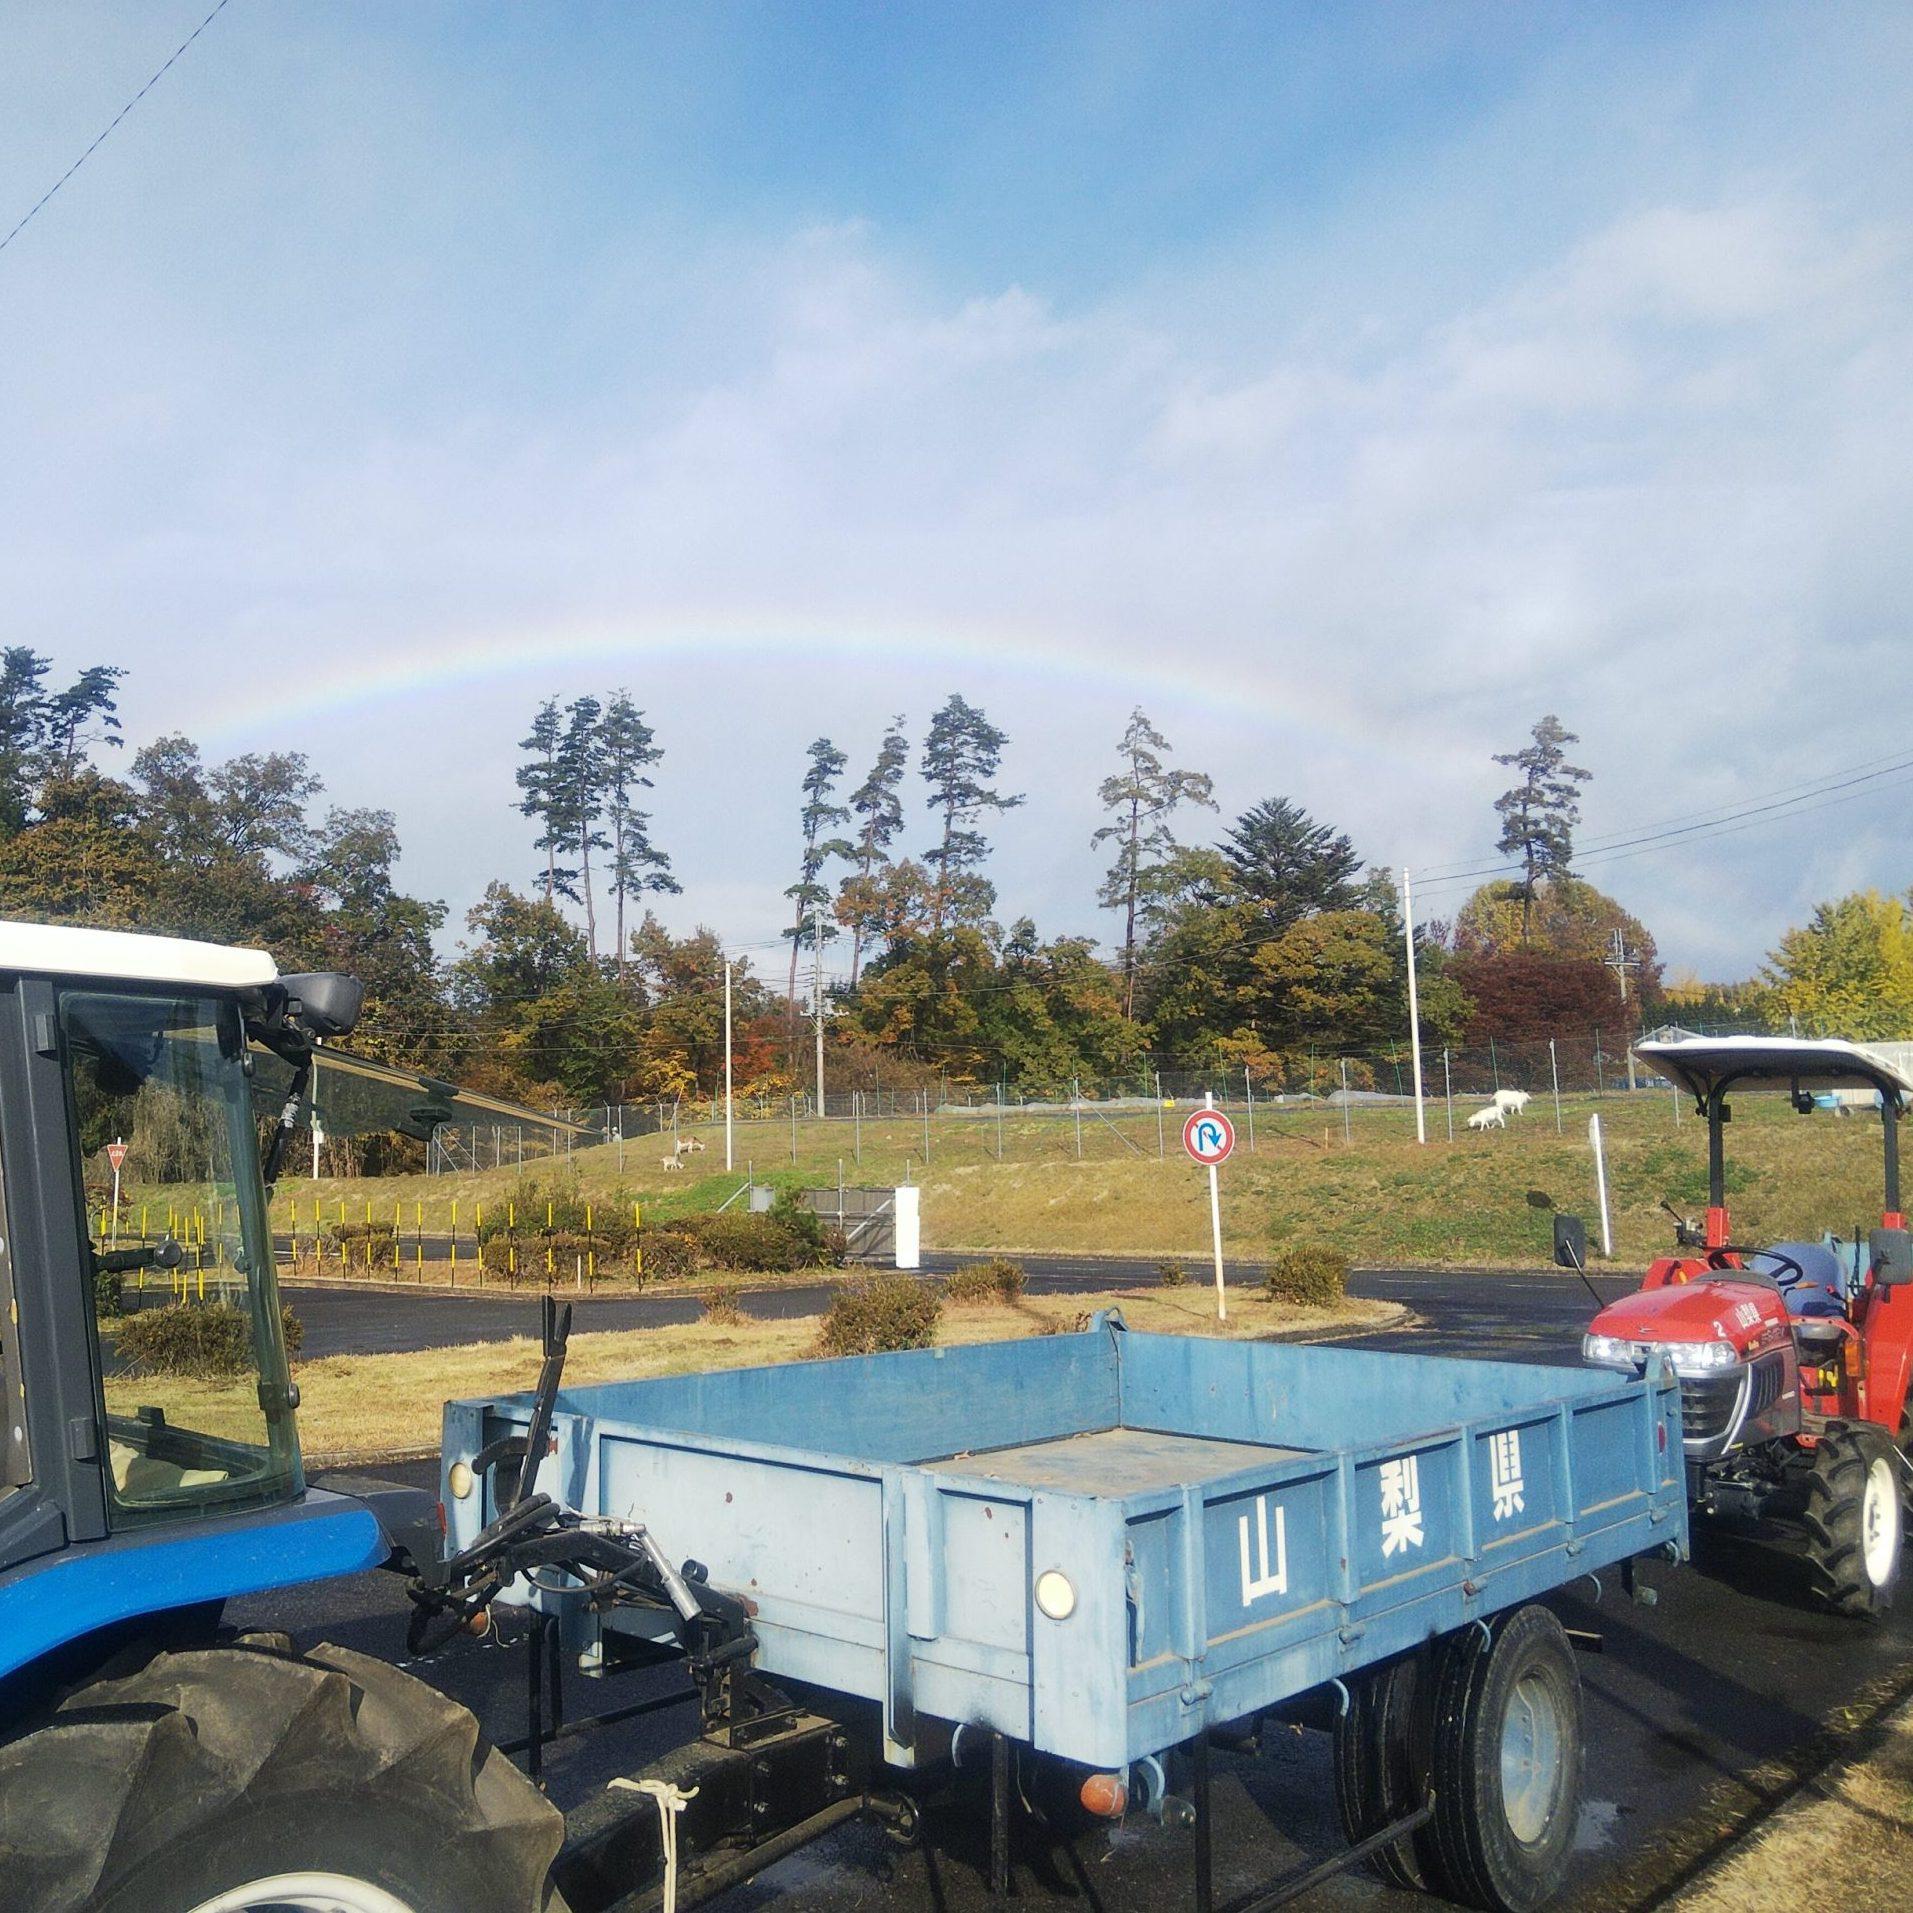 免許 トラクター 令和3年度農業機械利用技能者養成研修の実施について